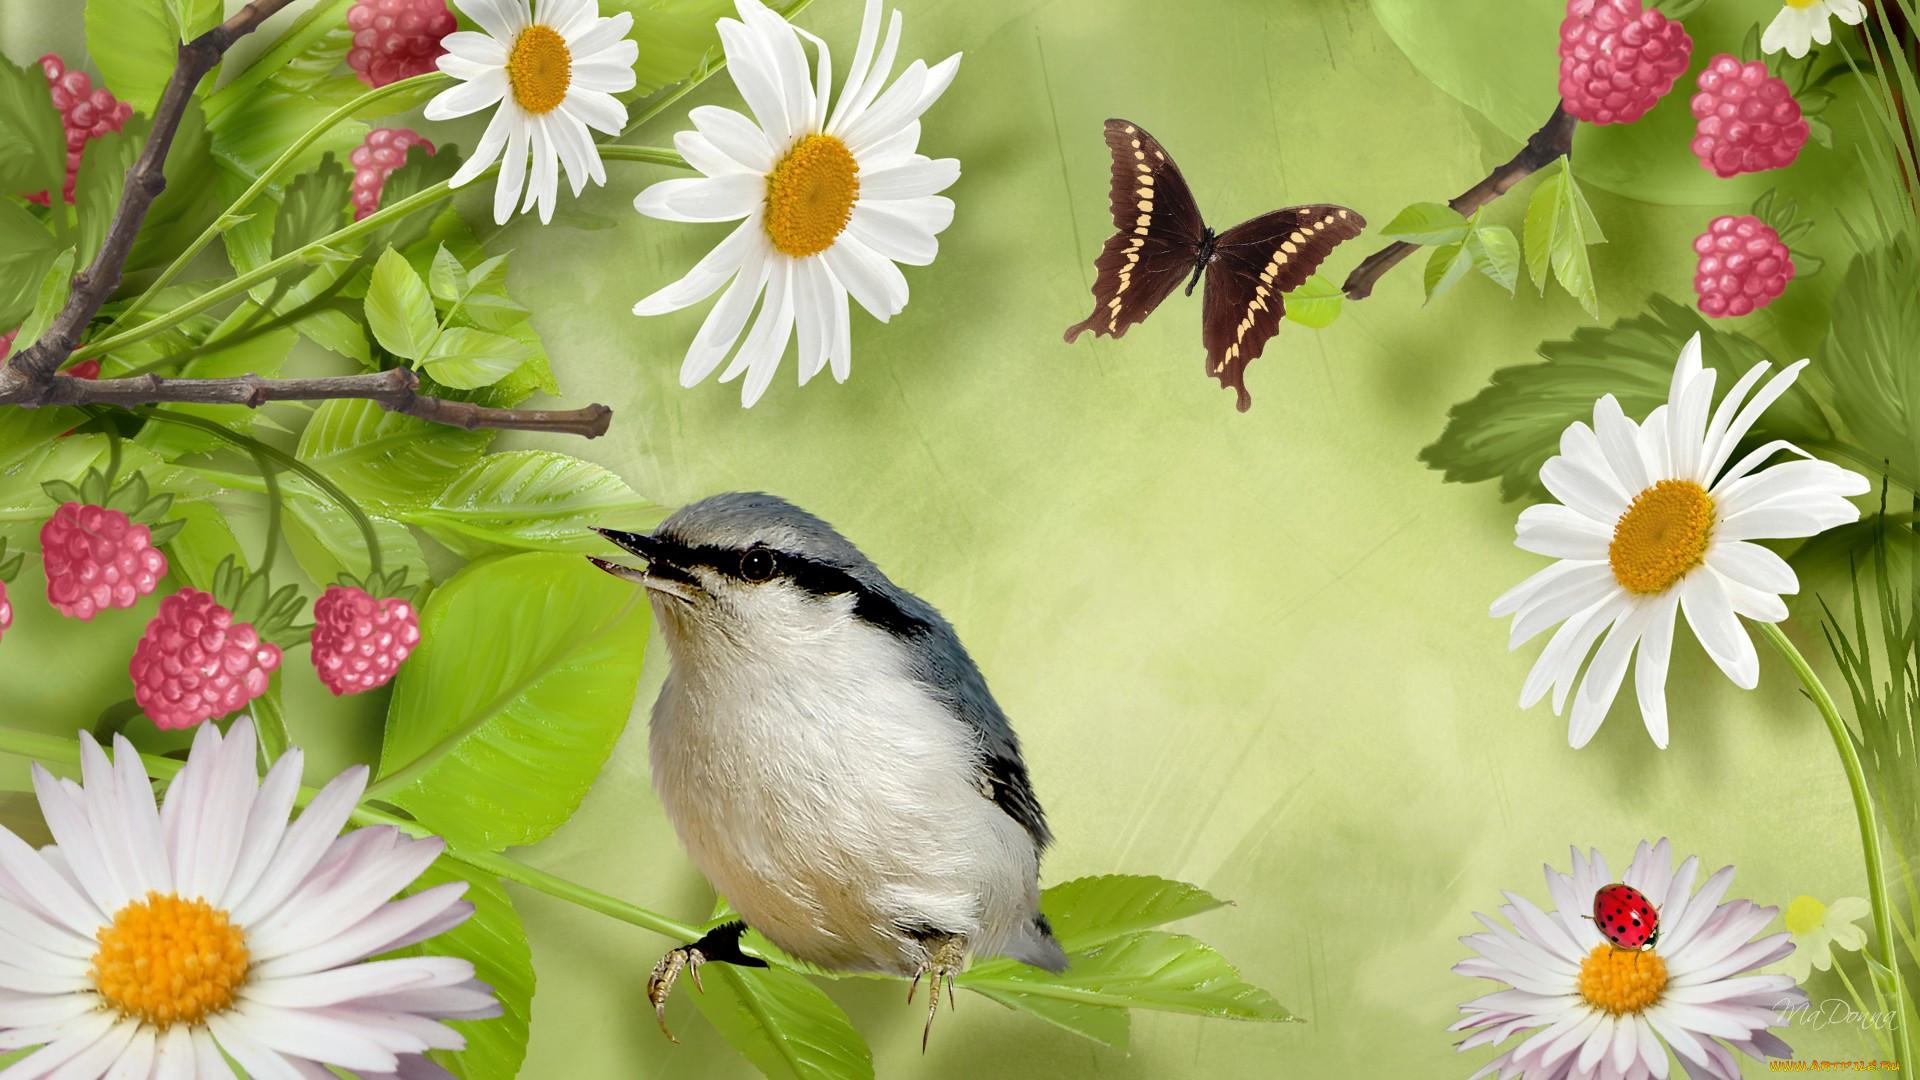 Красивые картинки с цветами бабочками птичками росой дождем